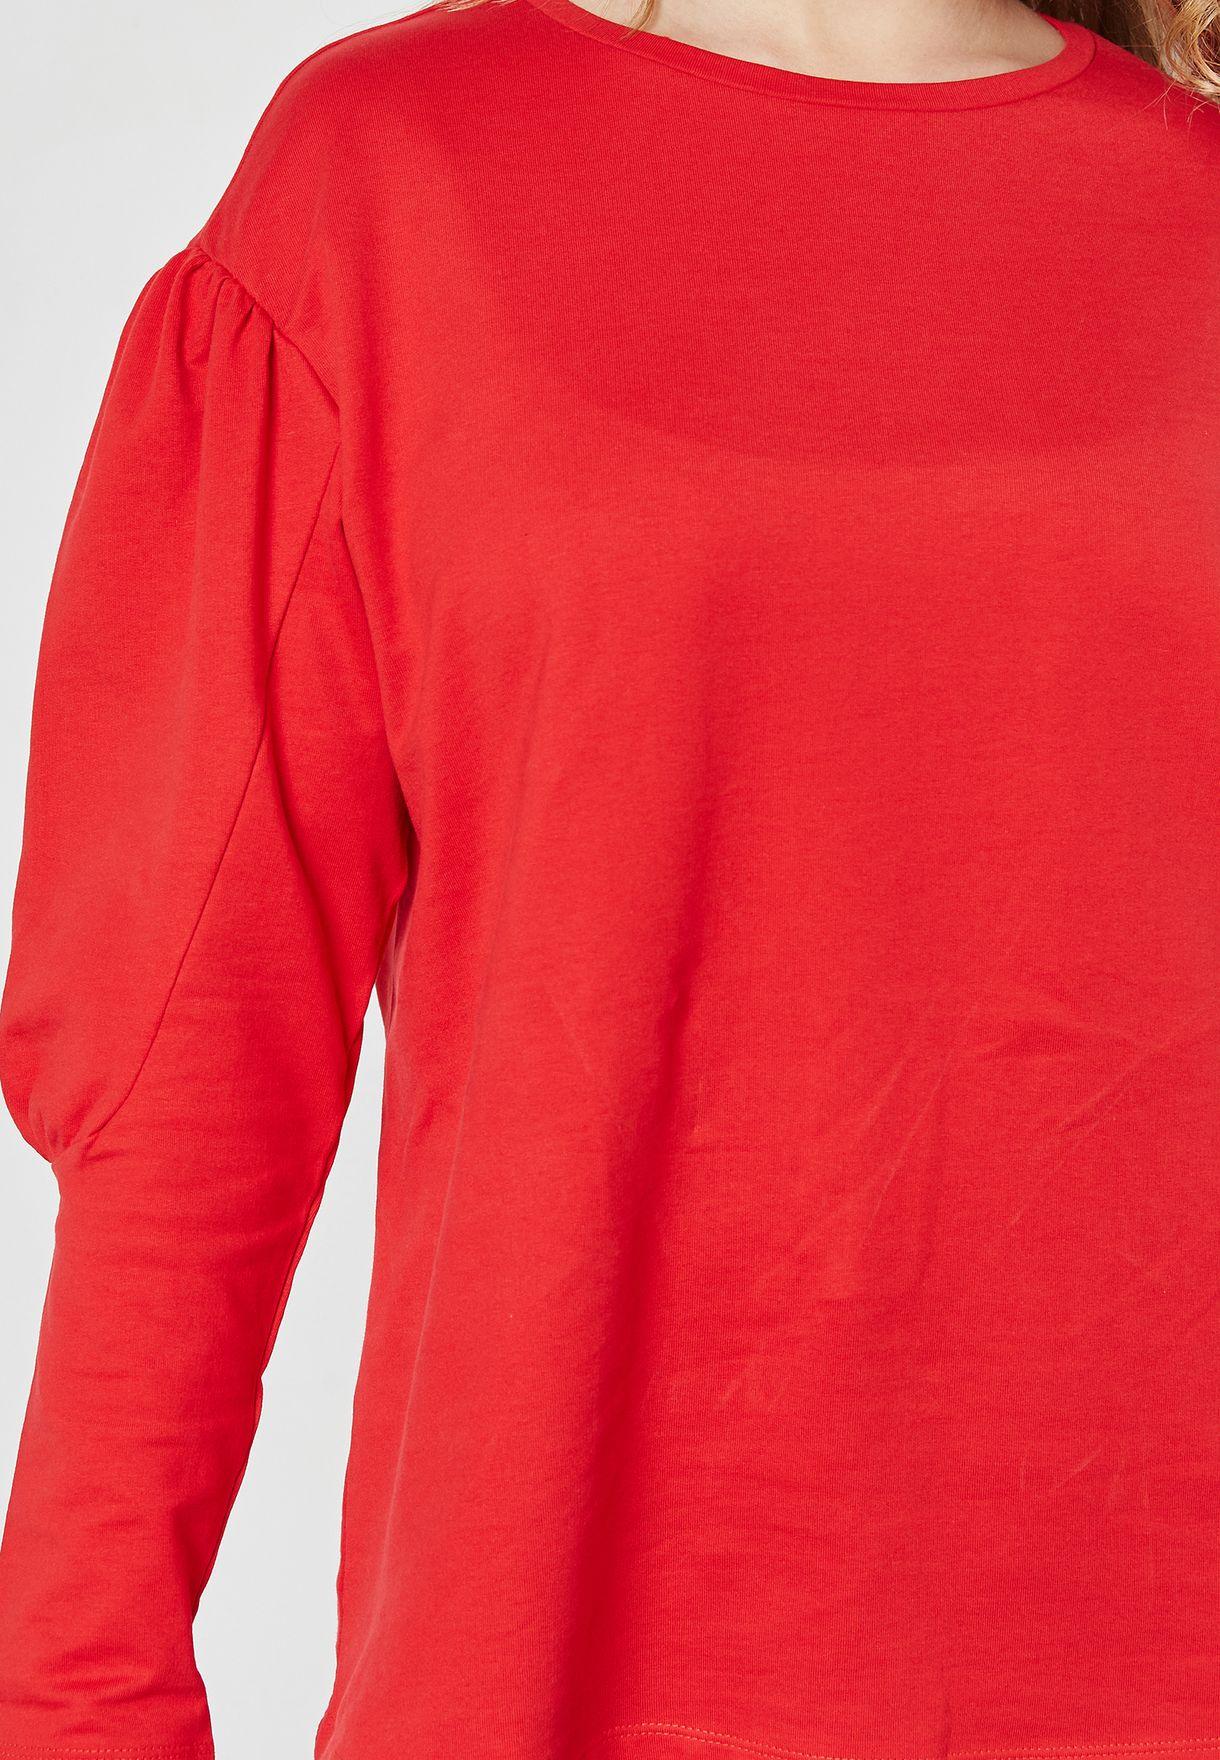 Puffed Sleeve Sweatshirt